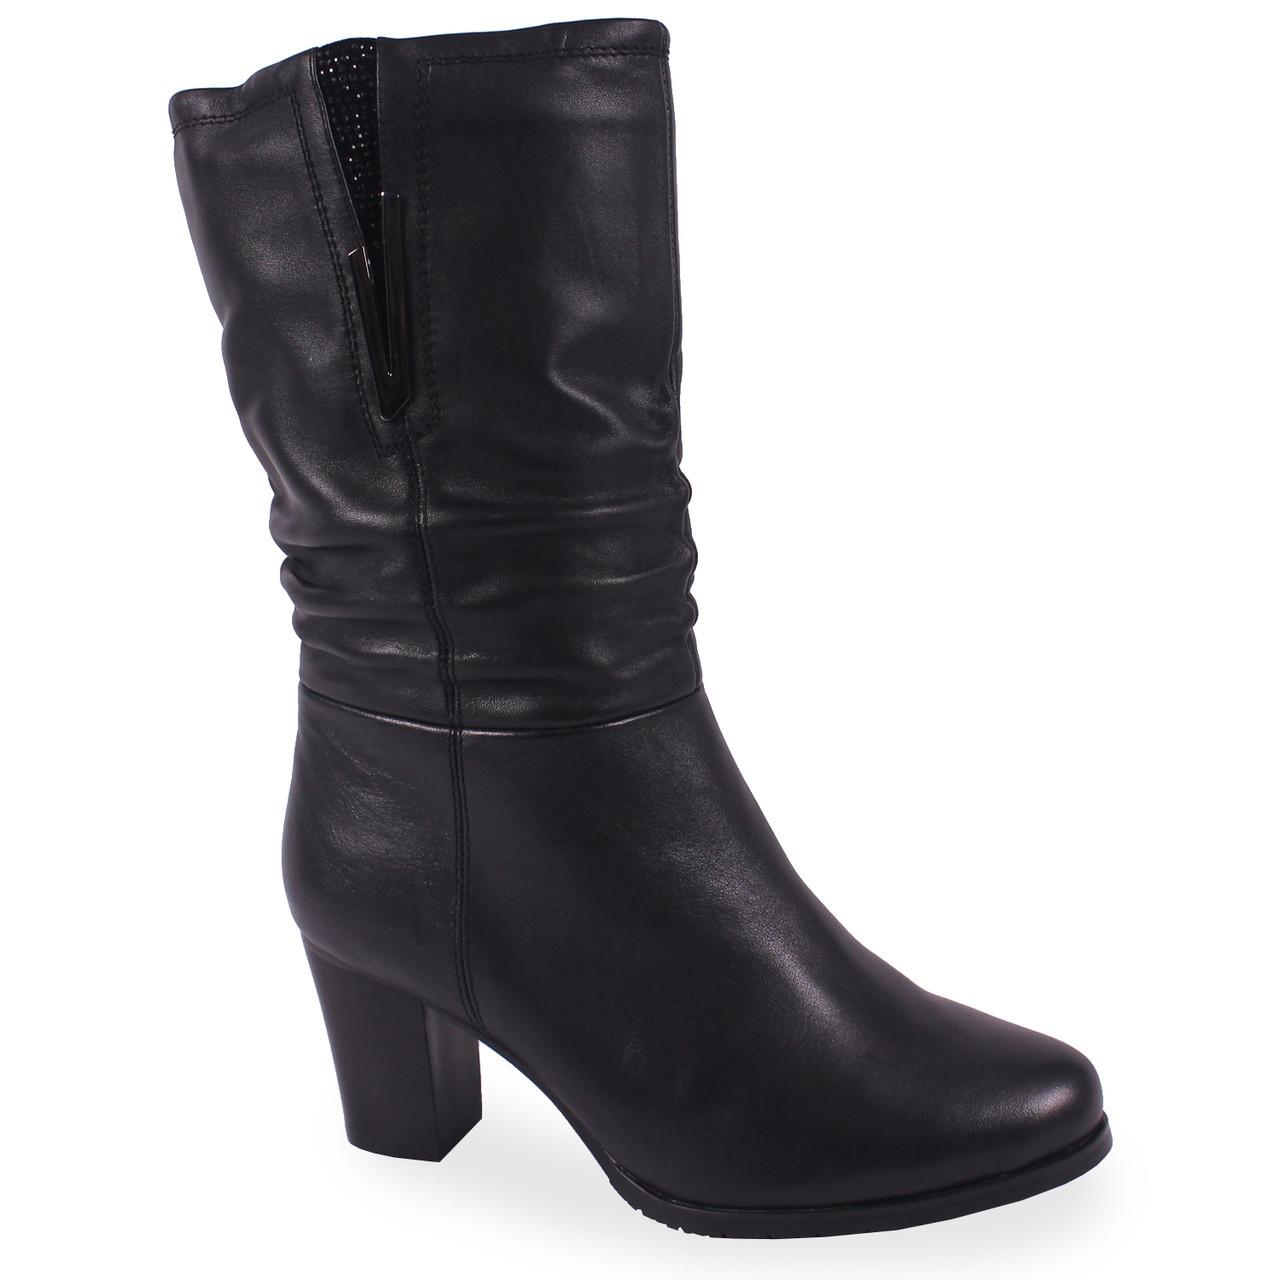 ec46b48f9cf1 Модные женские полусапоги С.Clouds (черные, зимние, на каблуке, есть замок